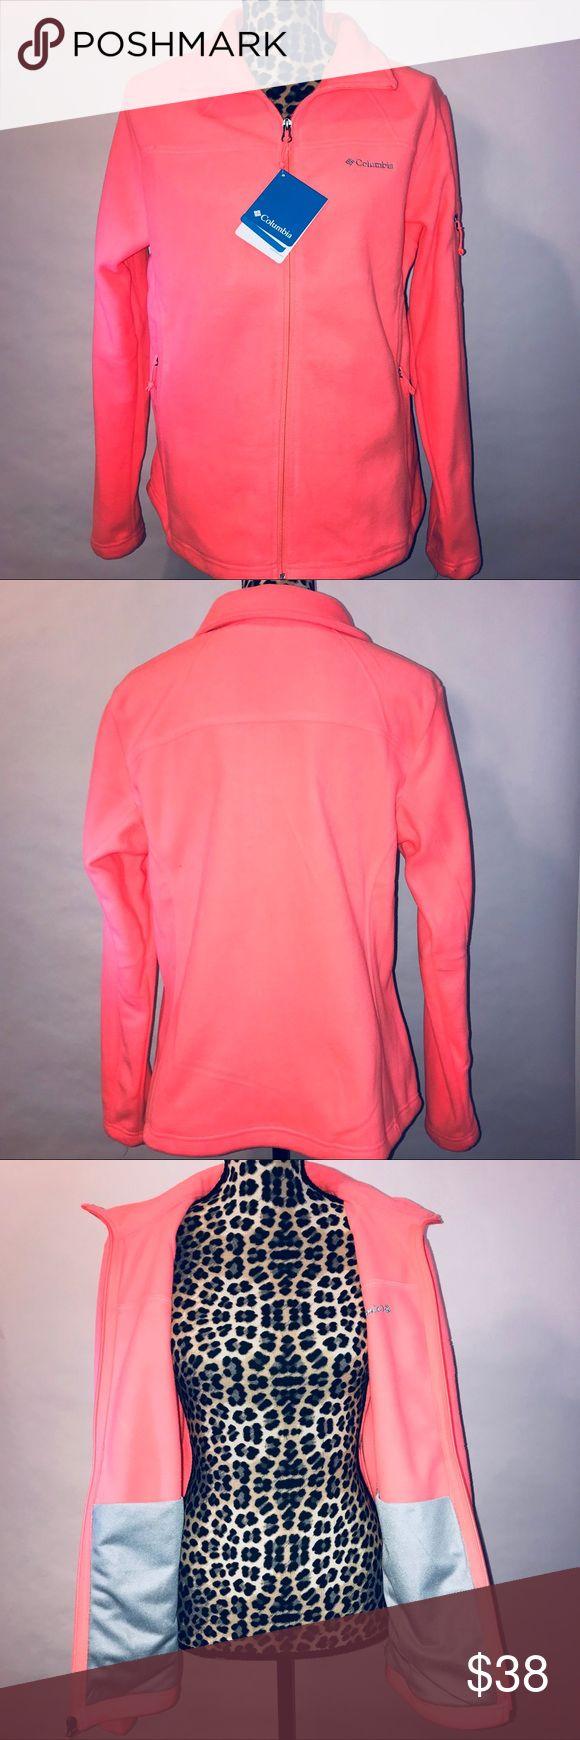 Women's pink Columbia fleece sweater sz. Large NWT Nice women's fleece zip up sweater, size large, brand is Columbia, NWT columbia Tops Sweatshirts & Hoodies